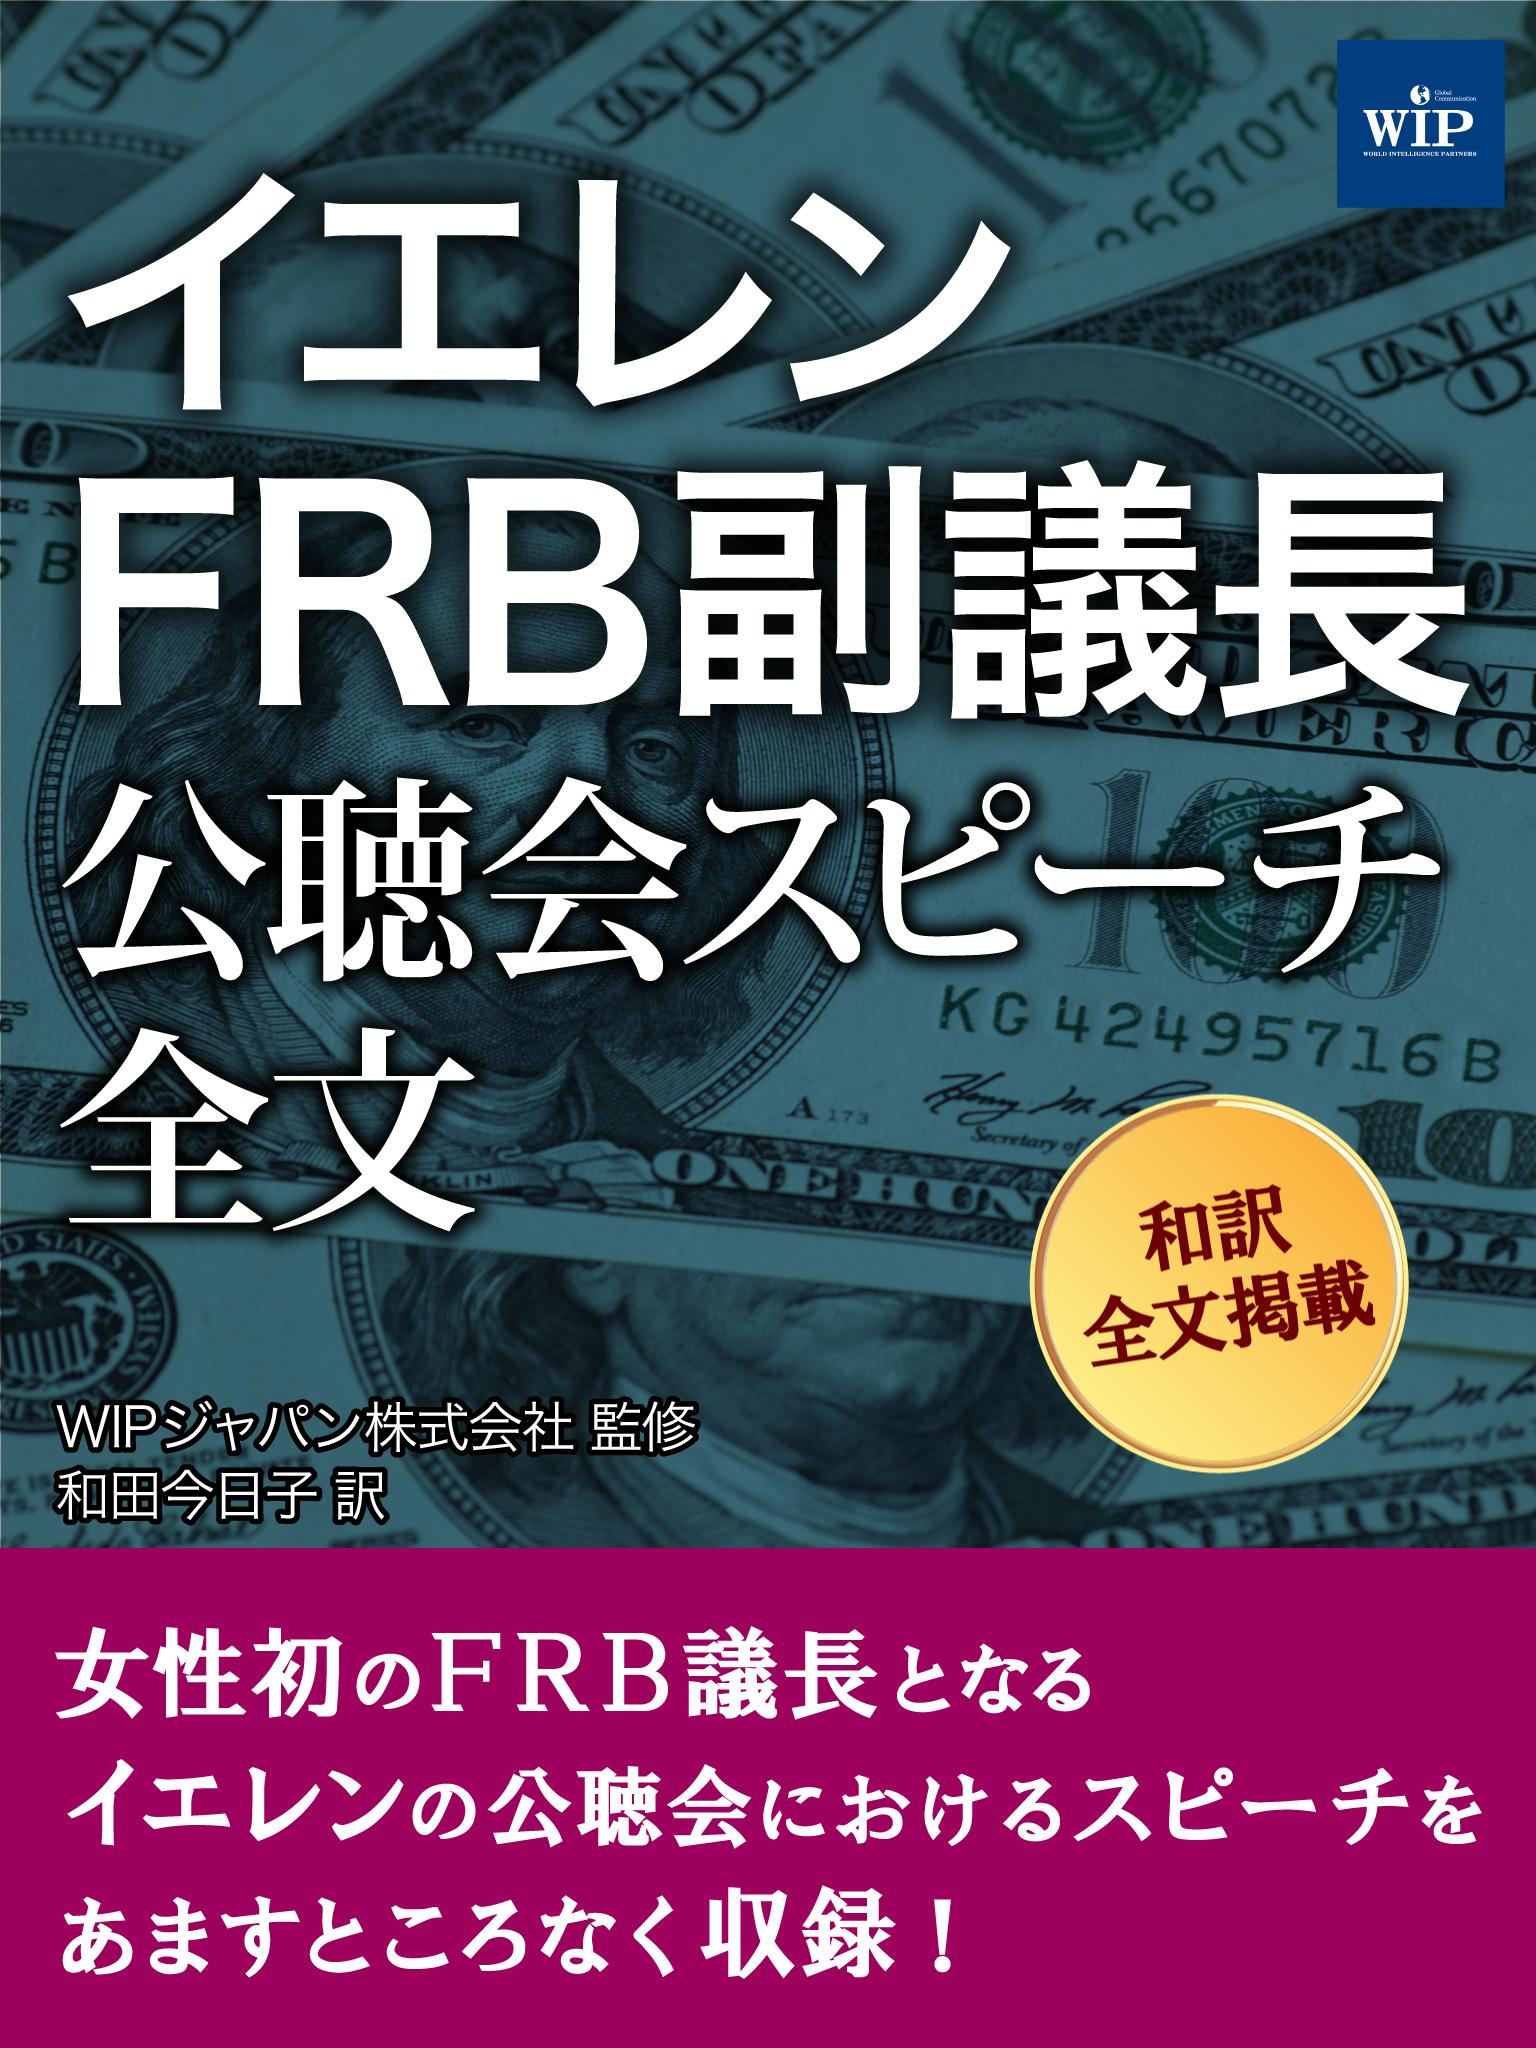 イエレンFRB副議長公聴会スピーチ全文